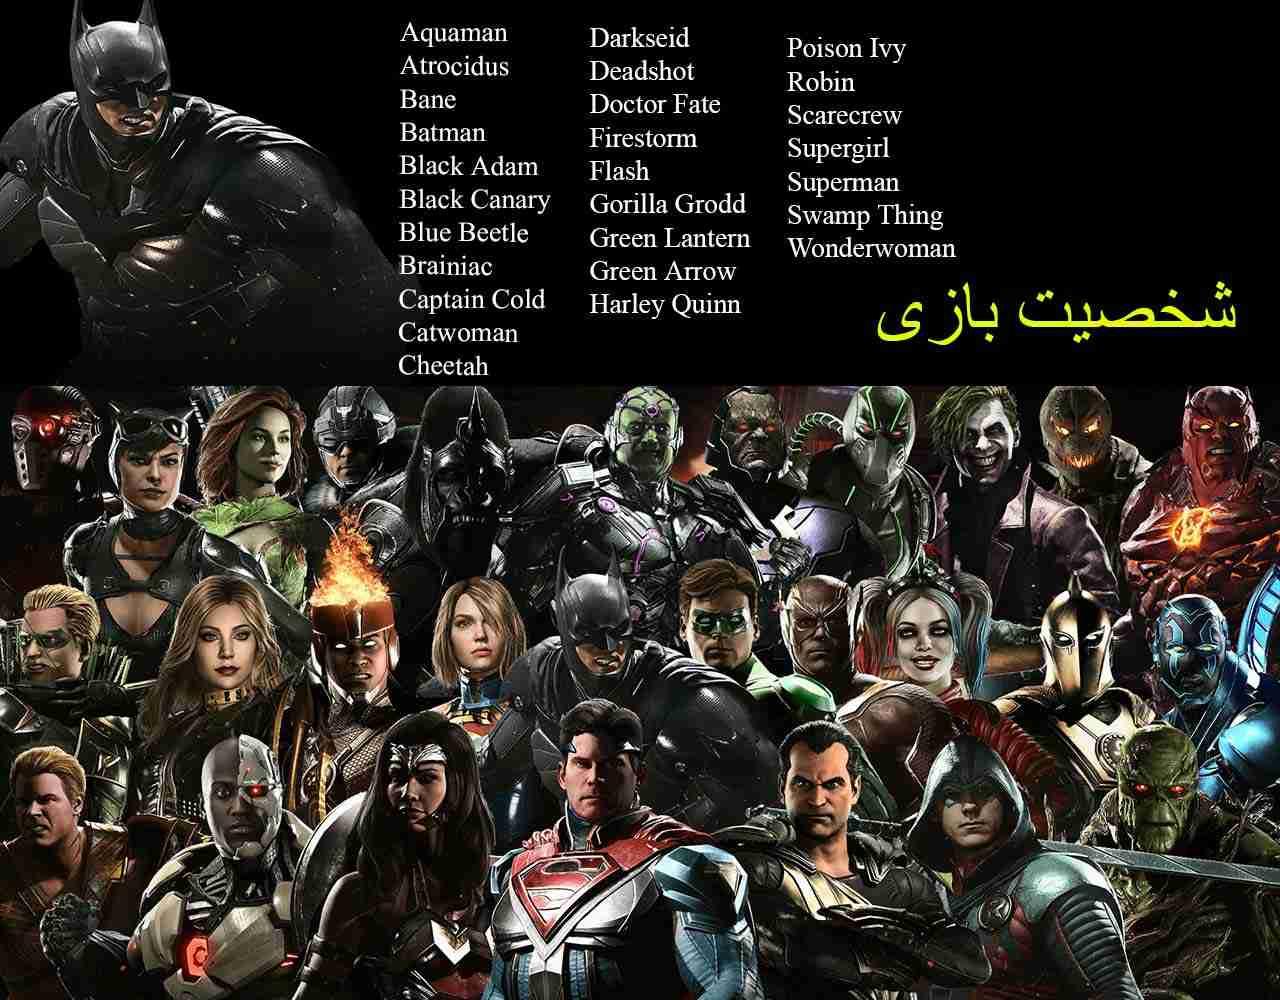 تمامی شخصیت هایی که برای بازی Injustice 2 معرفی شده اند